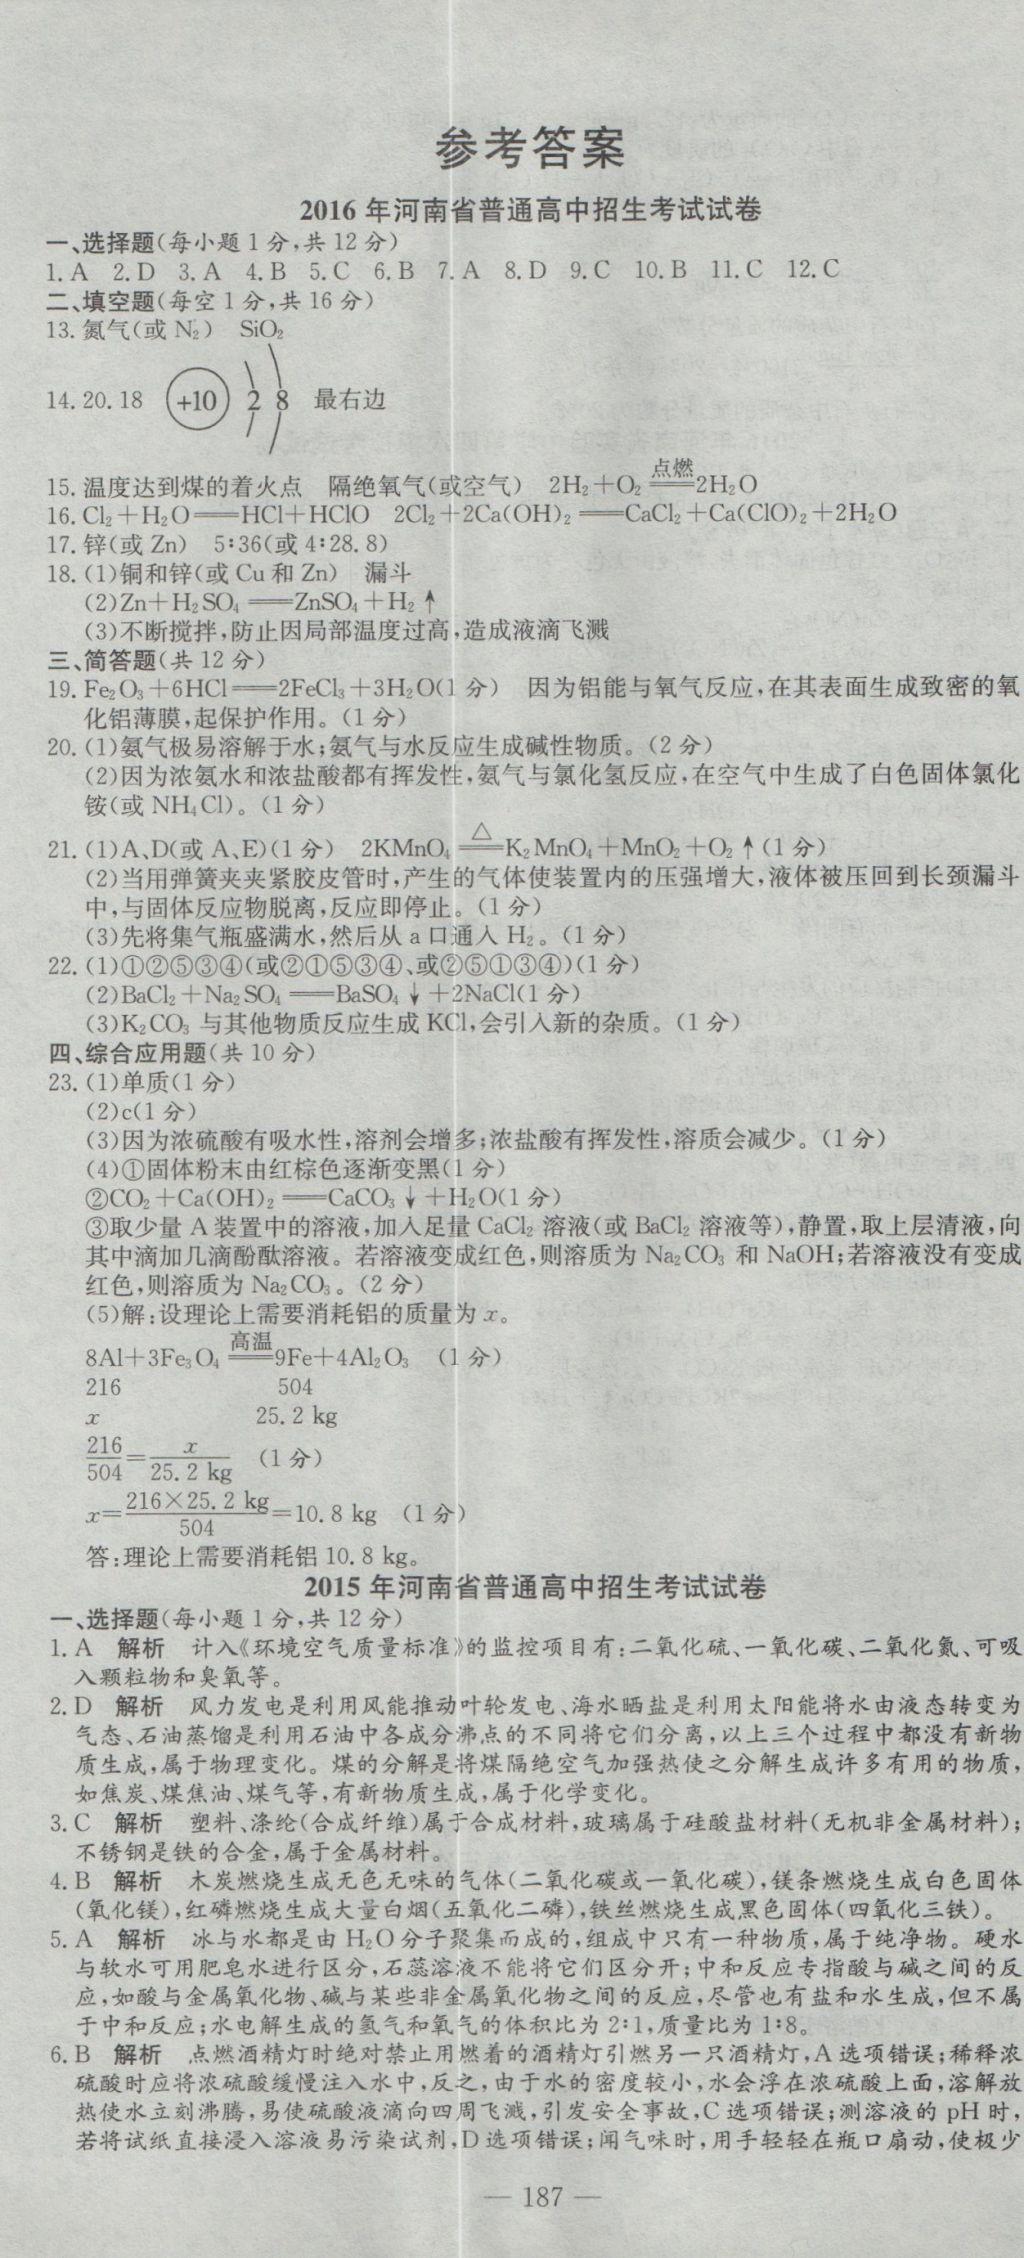 2017年晨祥学成教育河南省中考试题汇编精选31套化学参考答案第1页